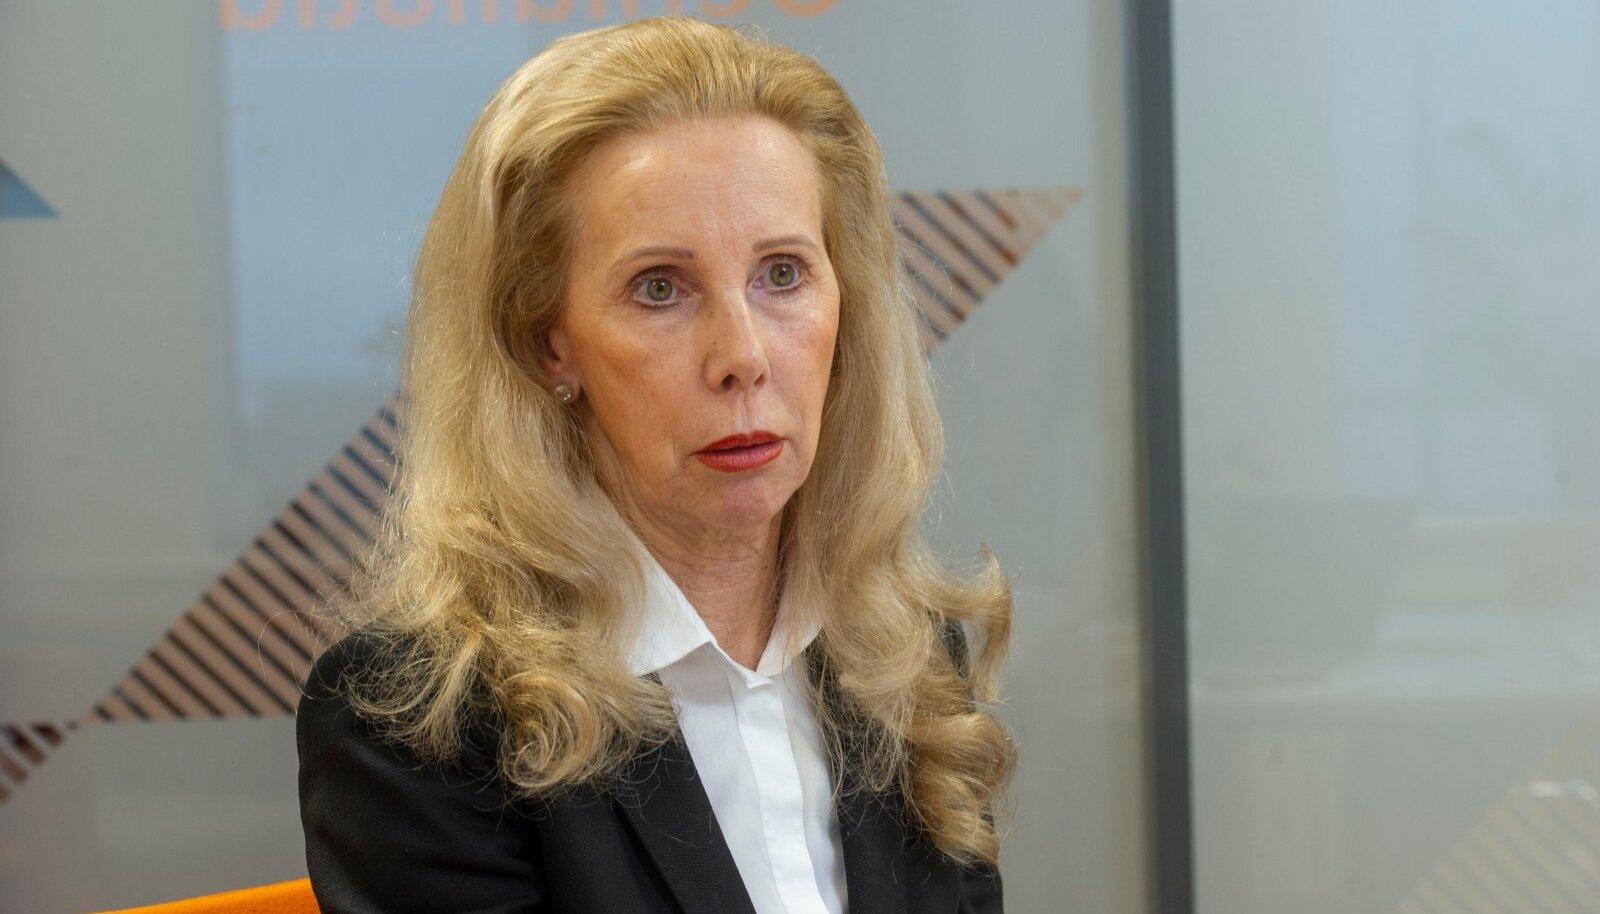 Kahtlustuse järgi pani Kersti Kracht rahandusministri nõuniku ameti tööle omaenda rahakoti heaks.